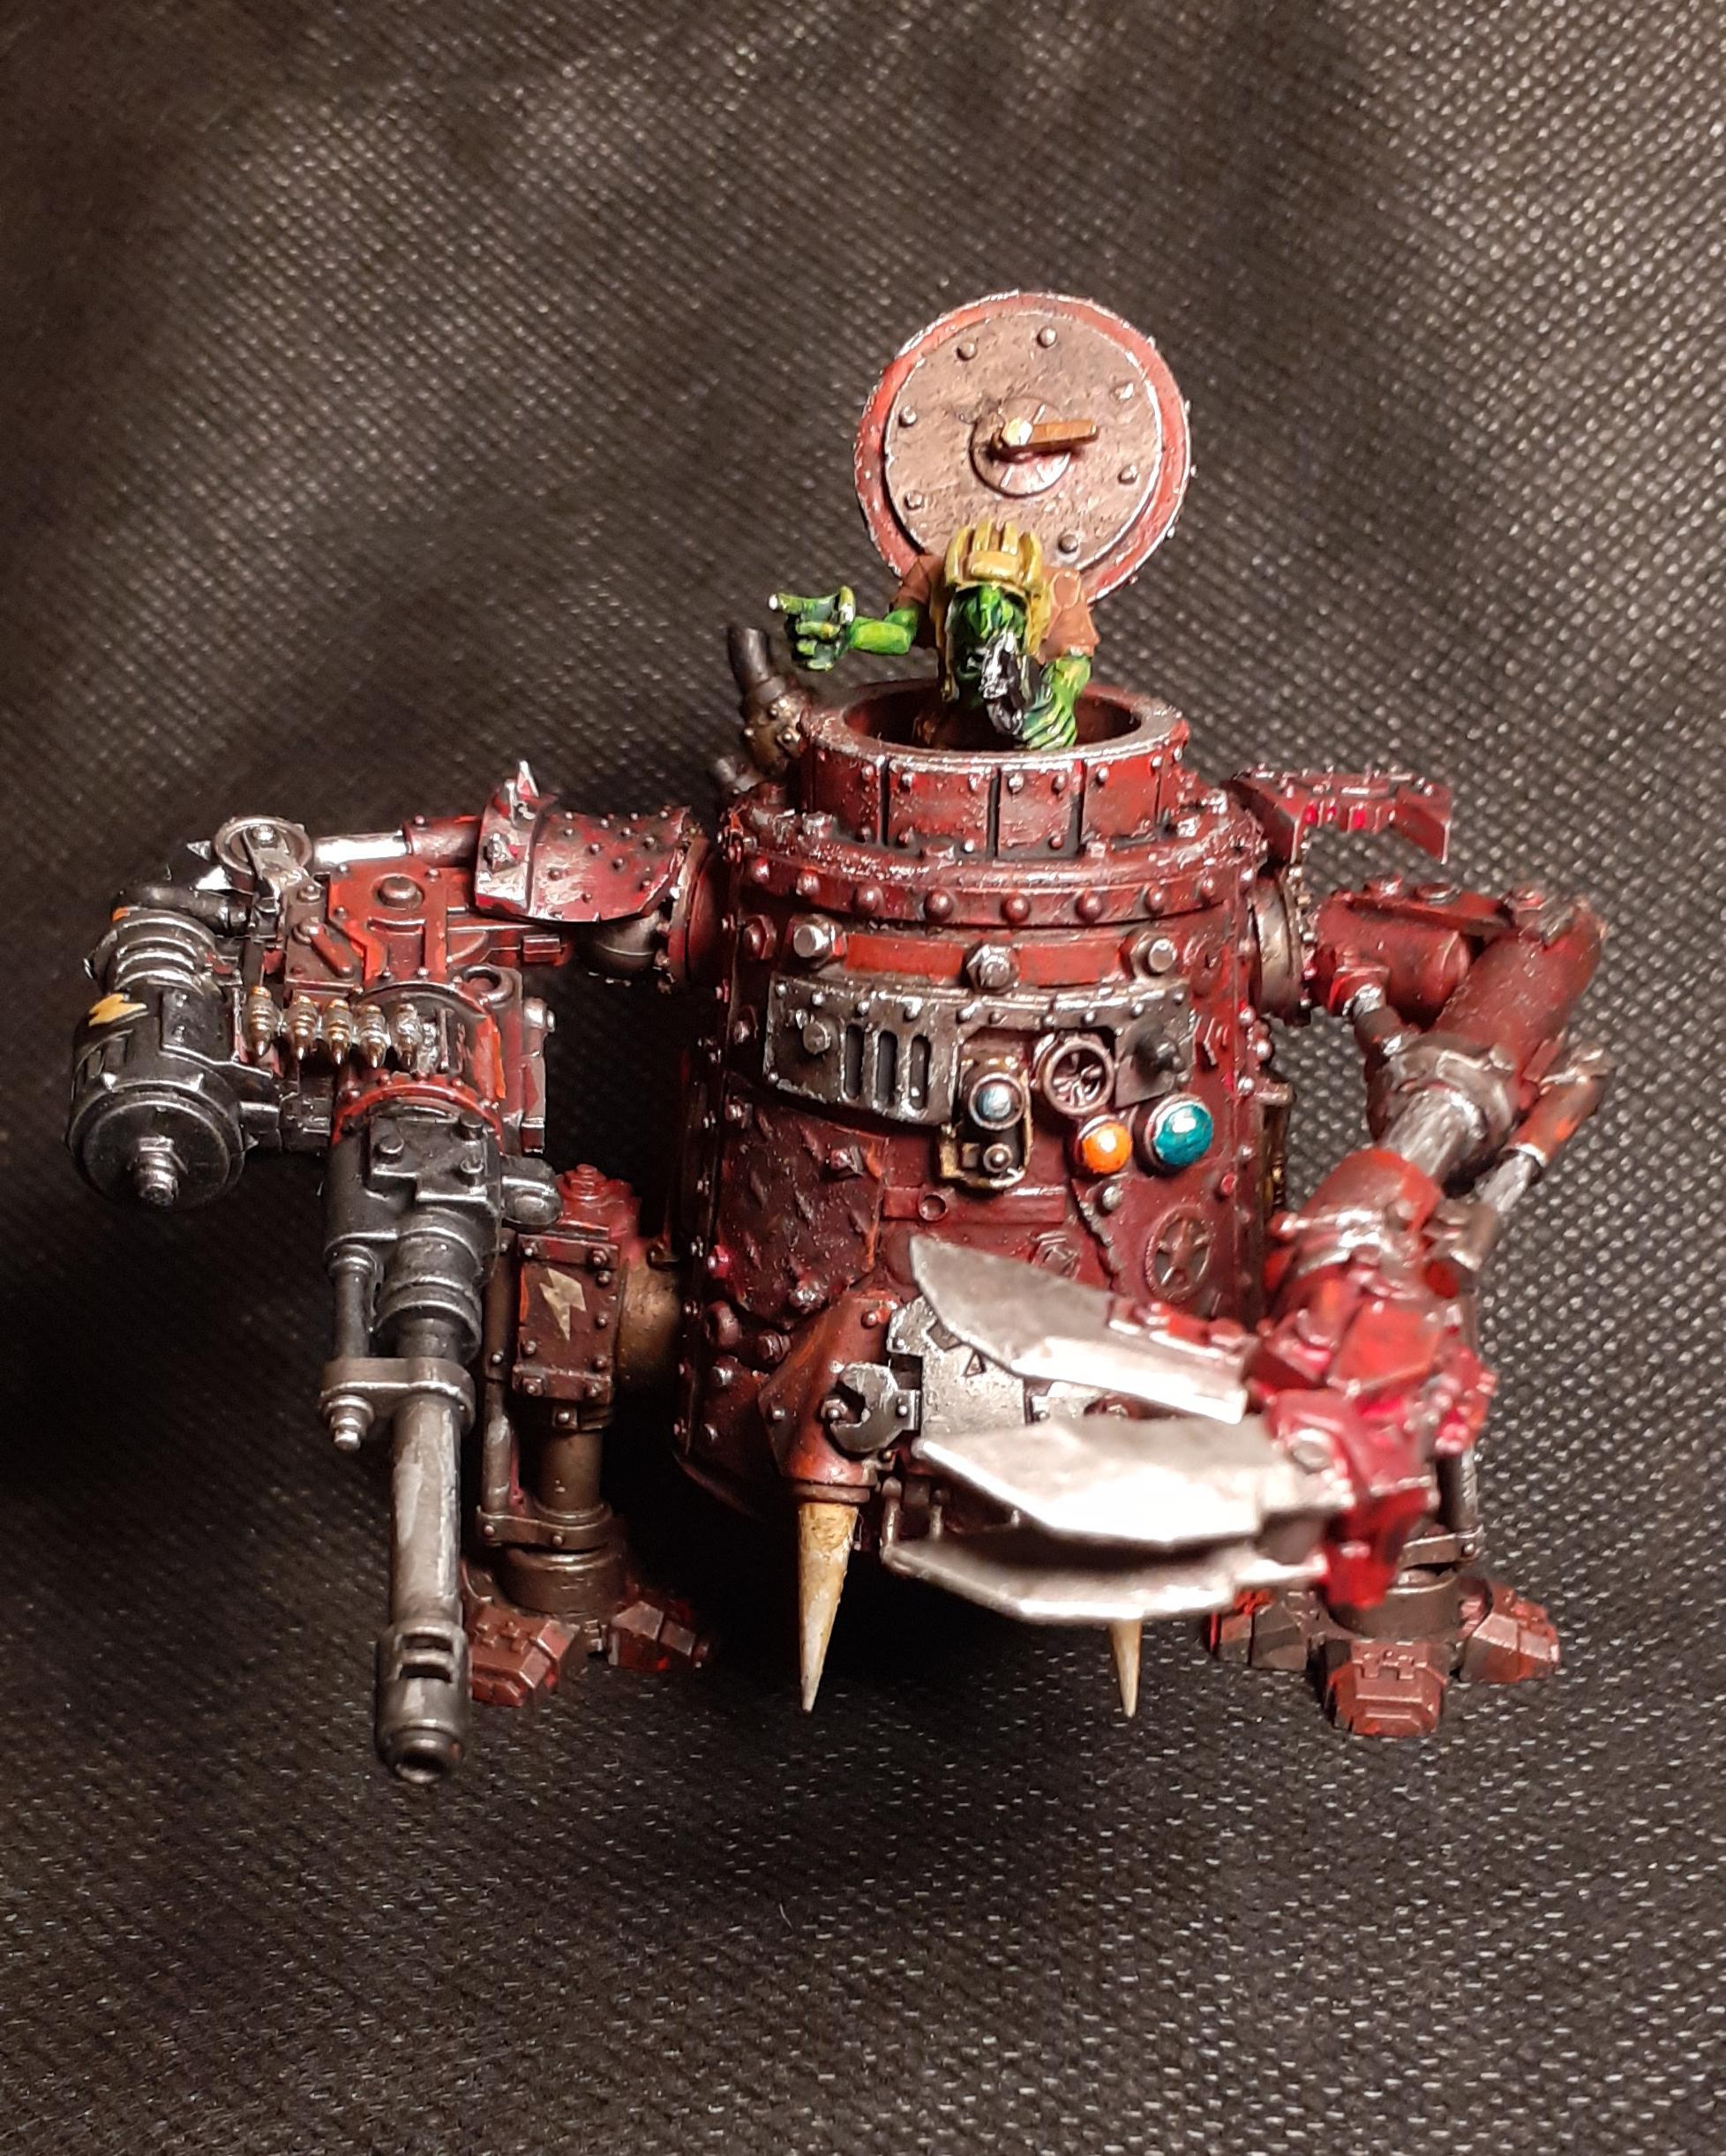 Conversion, Grots, Killa Kan, Kitbashed, Ork Conversions, Ork Coustom Made Vehicles, Orks, Orks Grots, Scratch Build, Warhammer 40,000